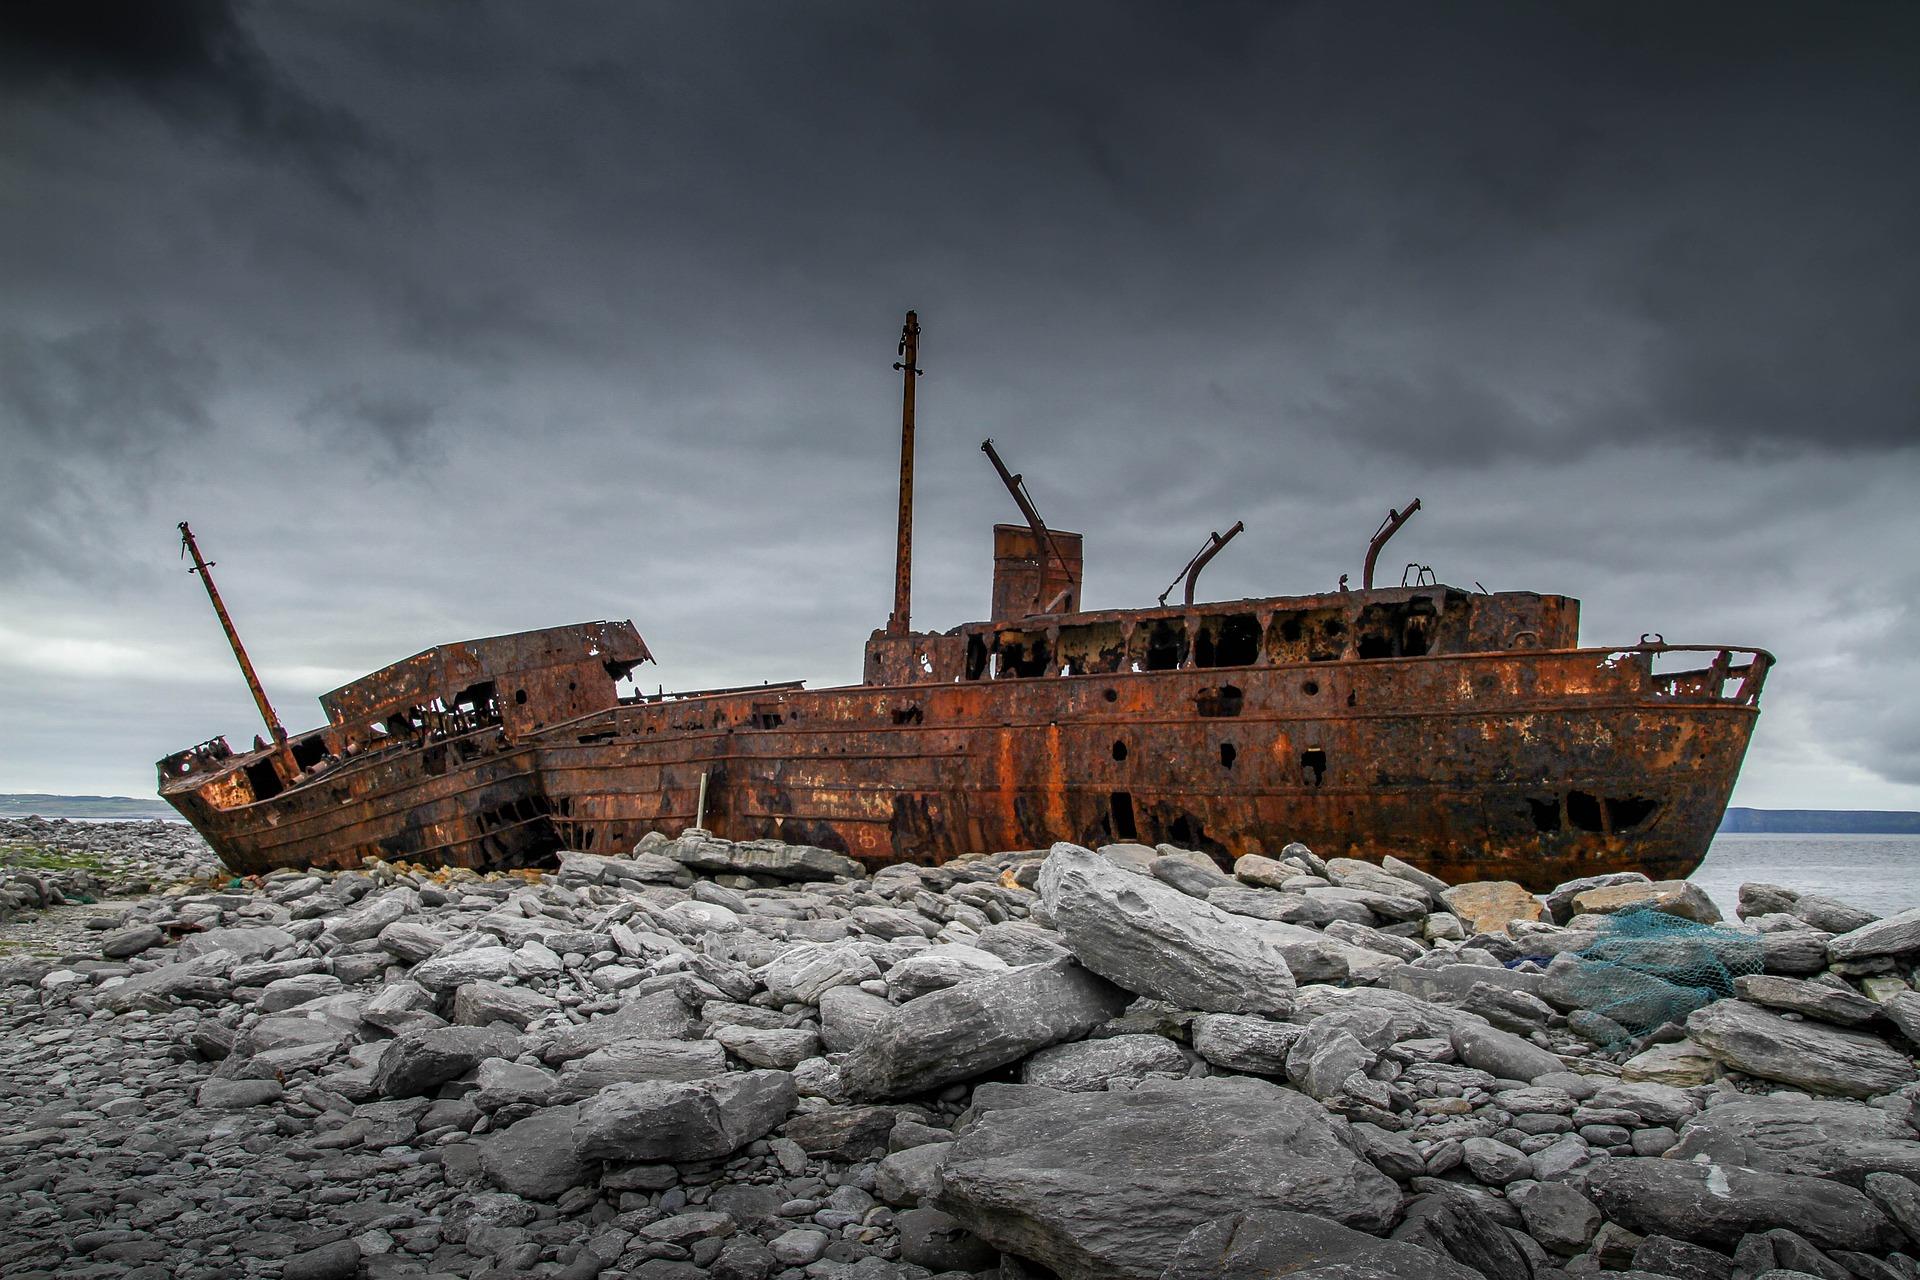 ship-wreck-1882087_1920